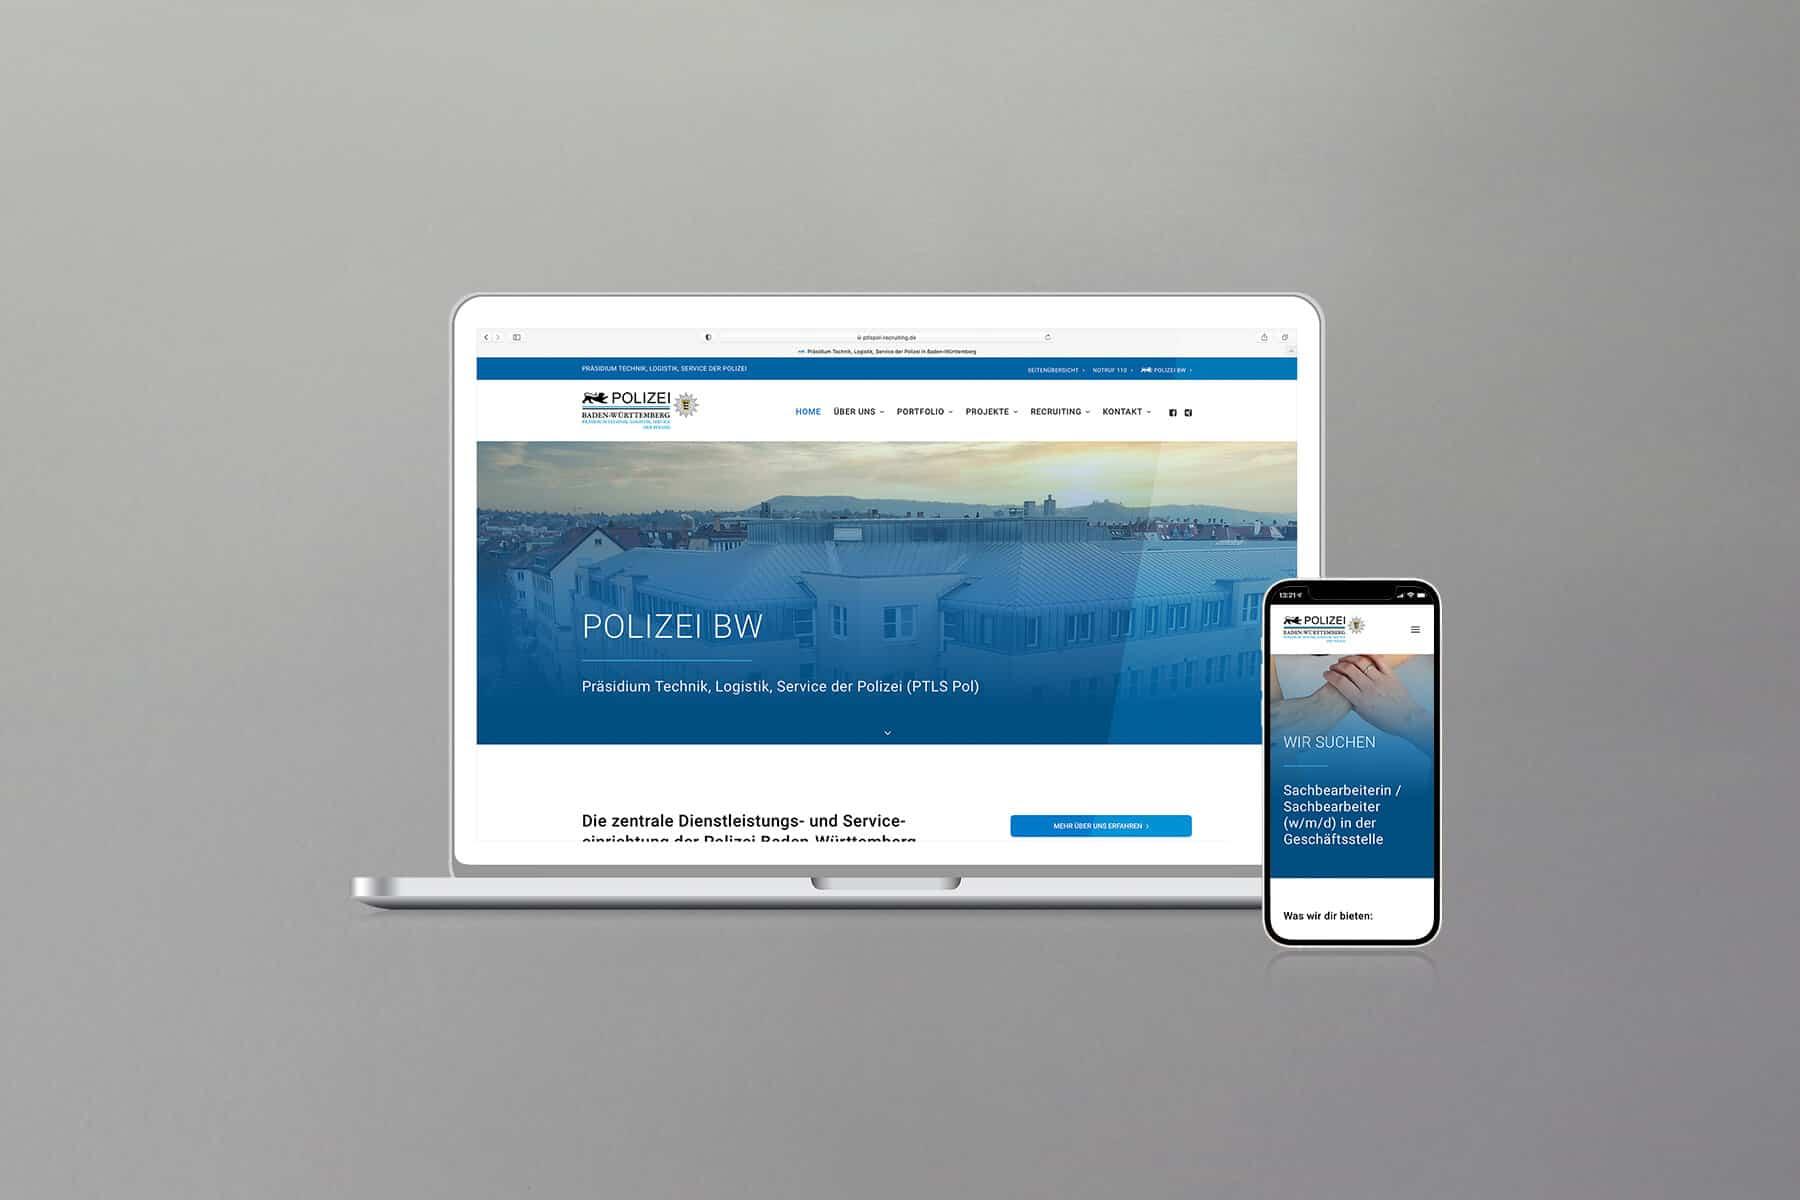 Agentur-Referenzen: Webdesign und WordPress Website für Karriereportal der Polizei BW